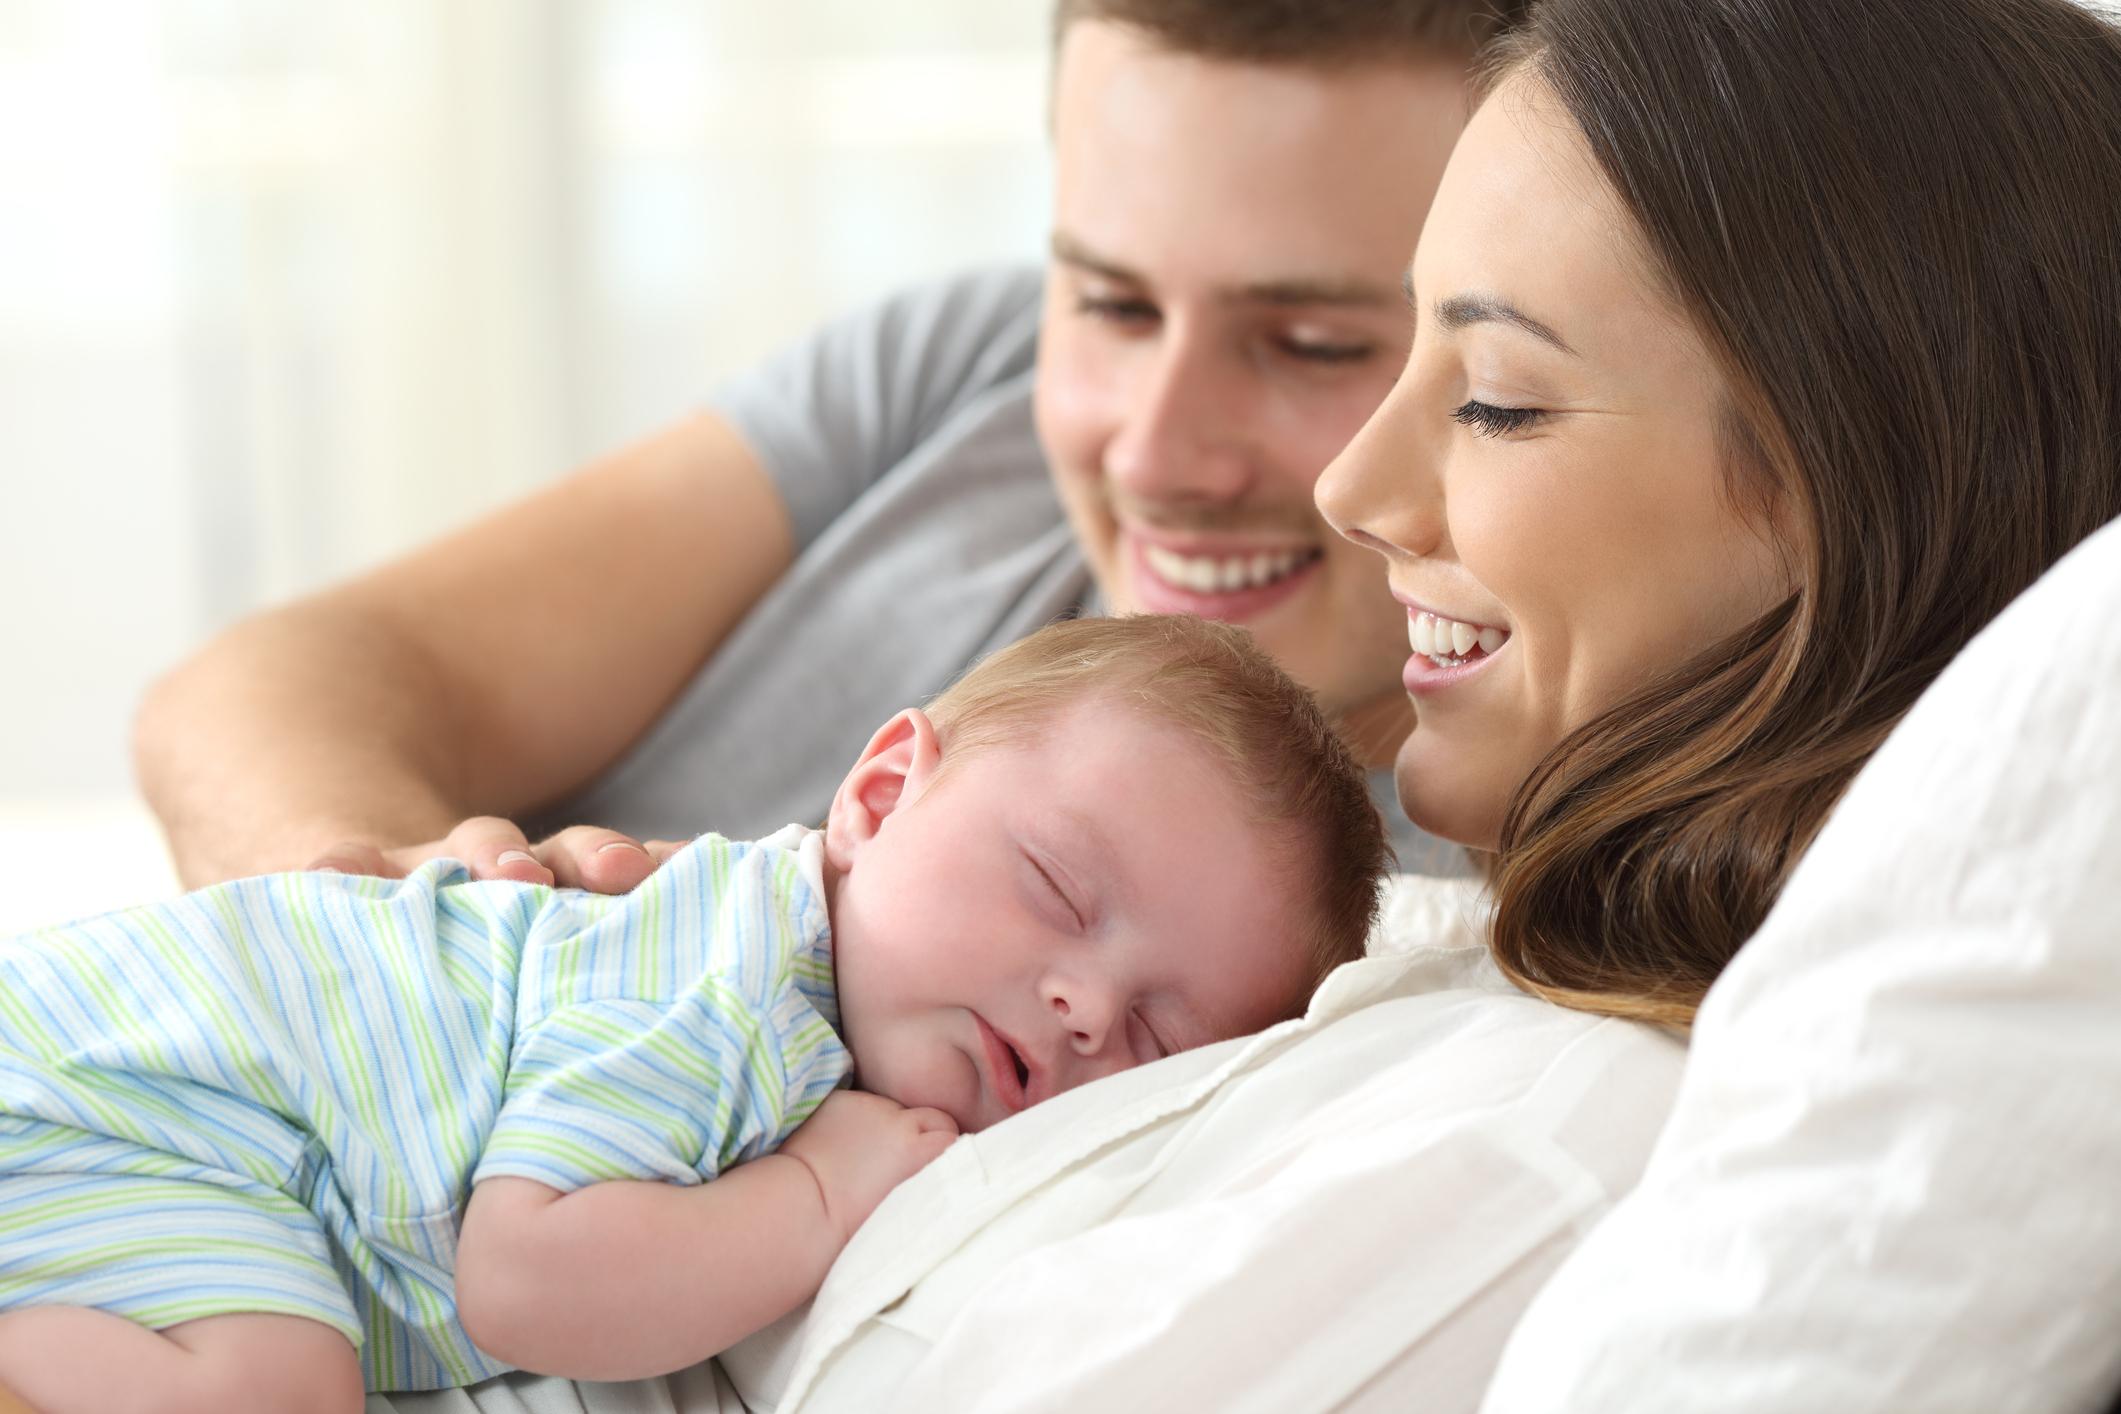 ThinkstockPhotos 829378958 Da li tata može uzeti porodiljsko bolovanje?